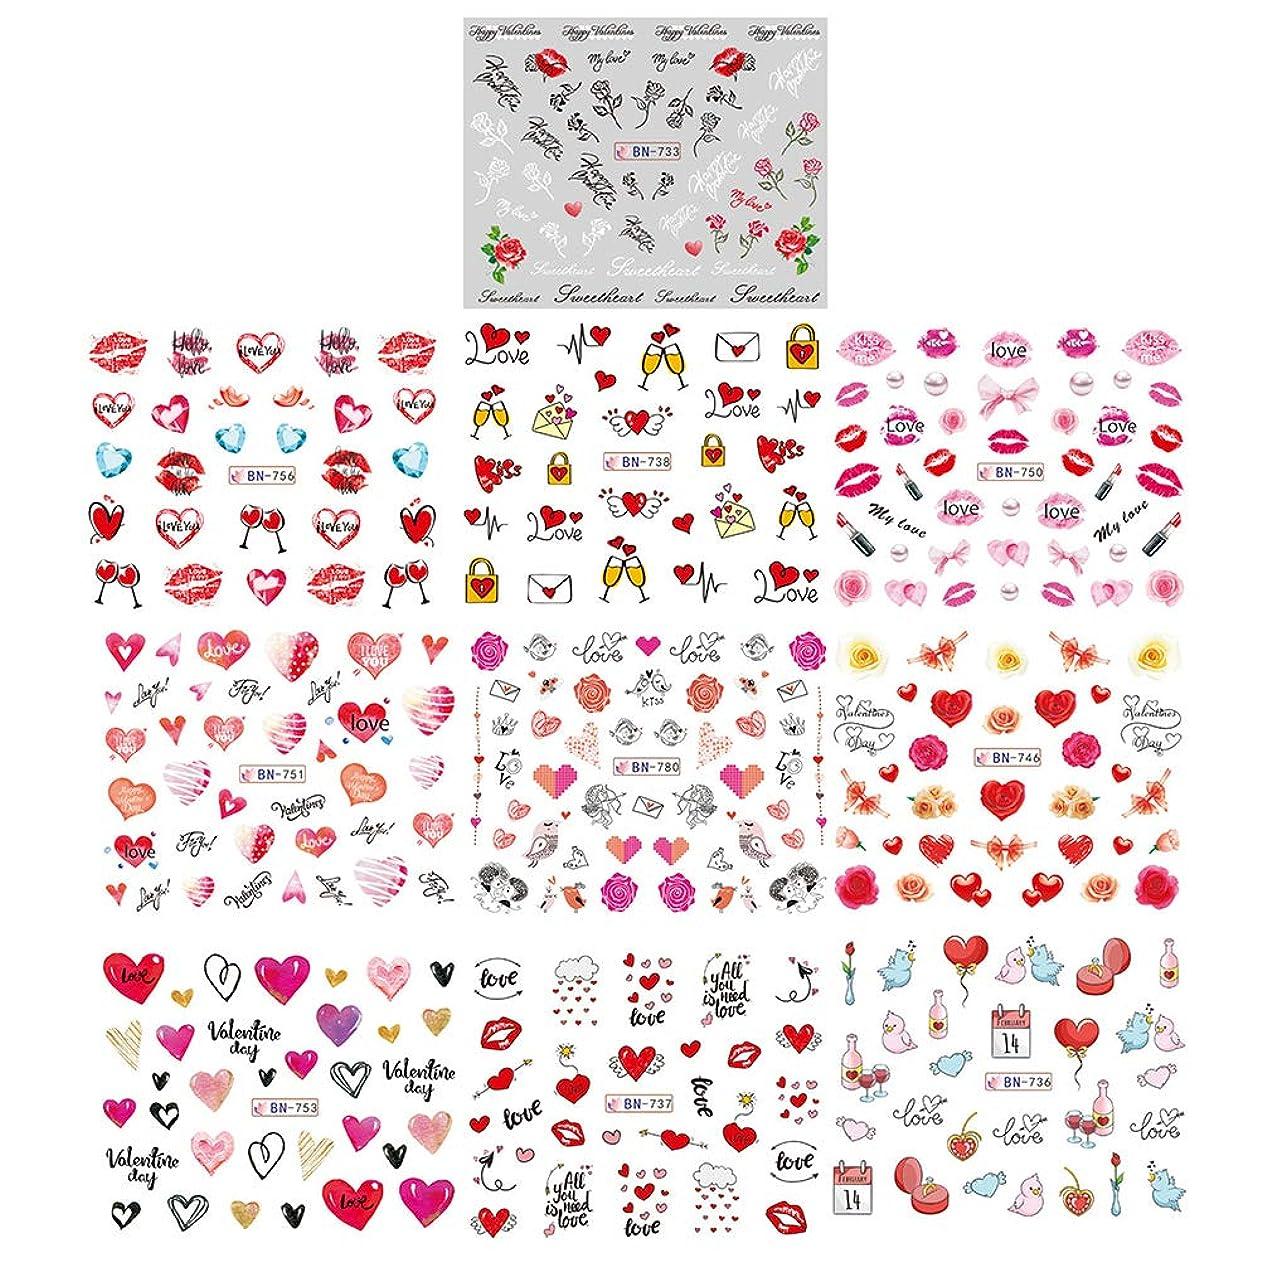 ルビー口遊びますFrcolor ネイルシール love ネイルステッカー 花柄デザイン ネイルアートシール 爪に貼るだけ マニキュア 10枚セット バレンタインデー飾り